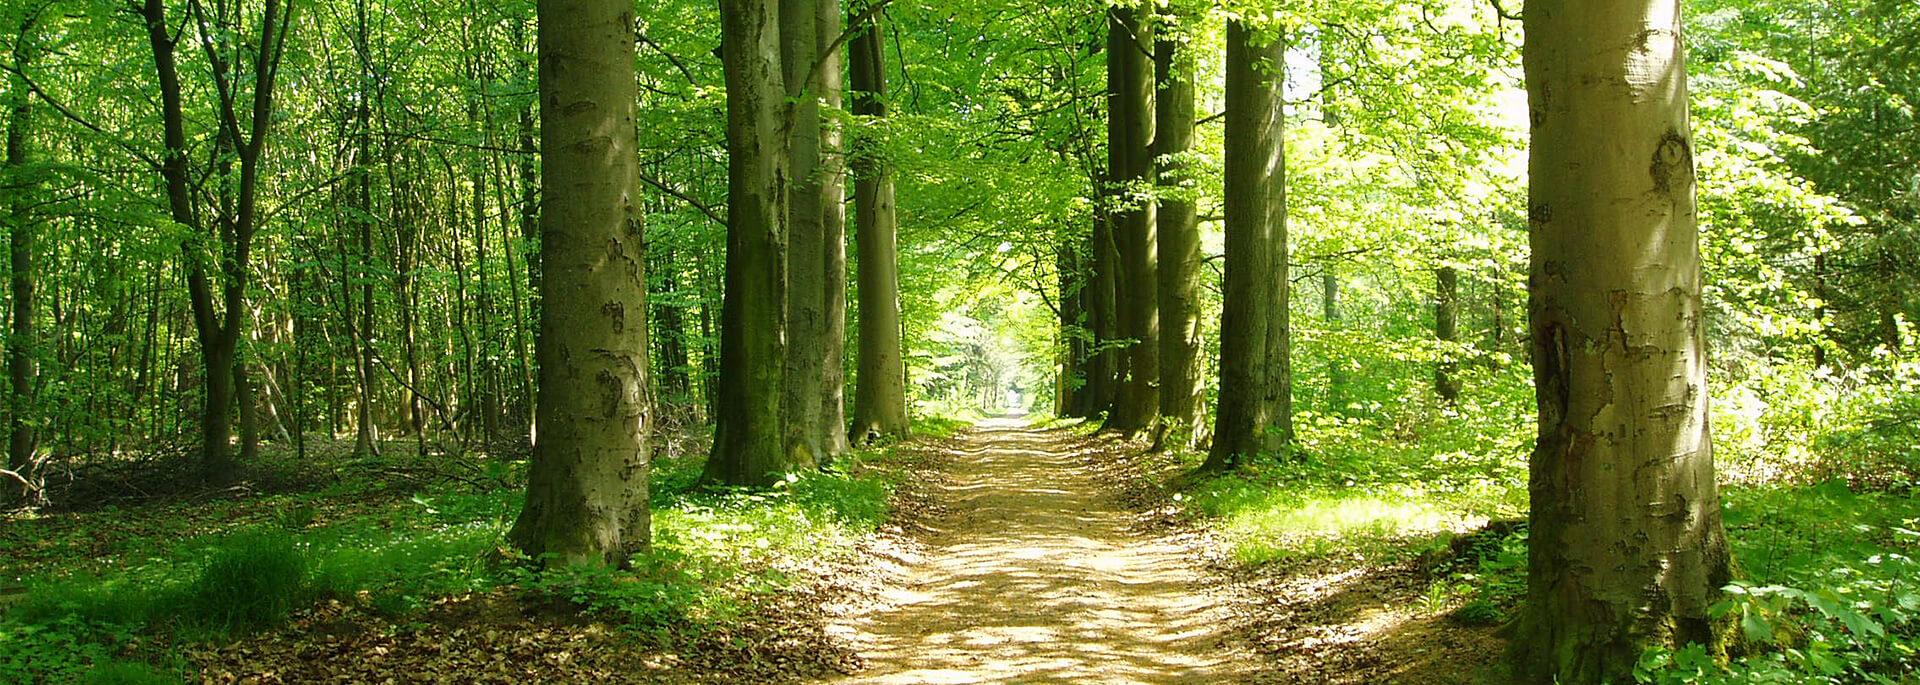 Samtgemeinde-Hesel-Slider-Wald